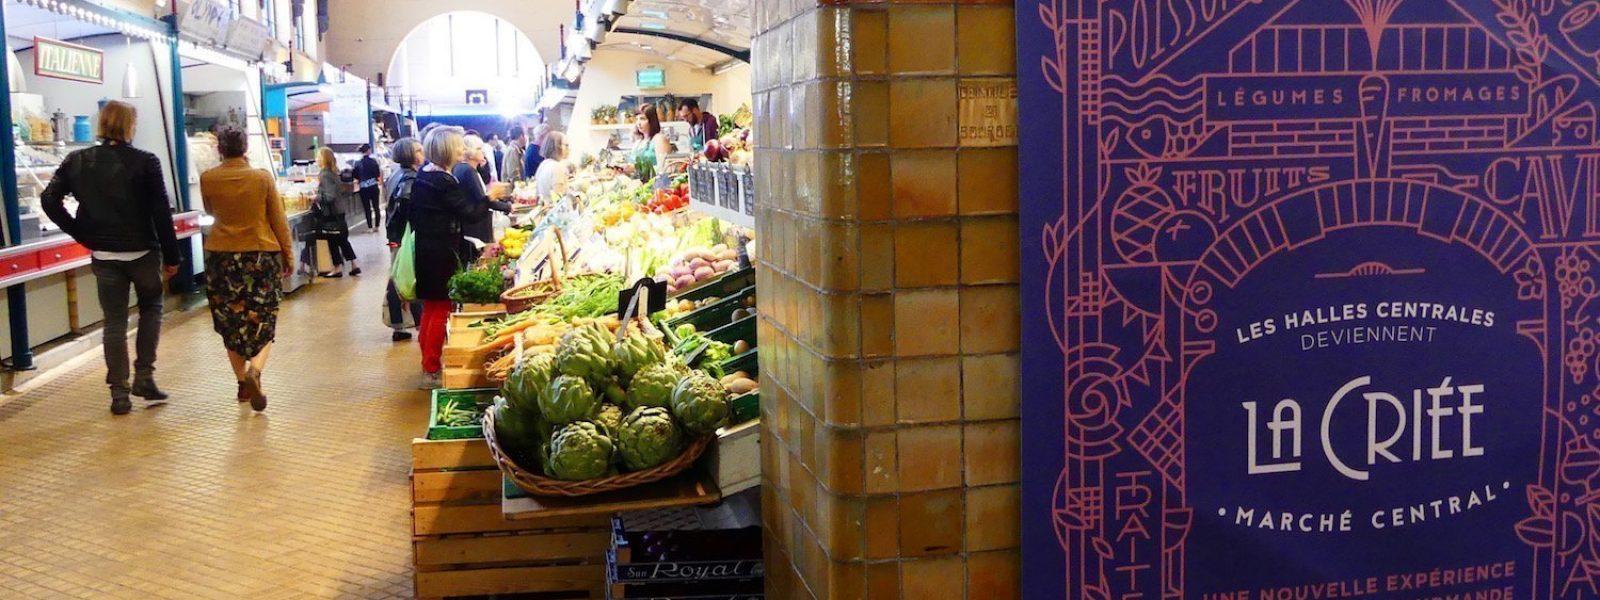 La criée, marché couvert à Rennes